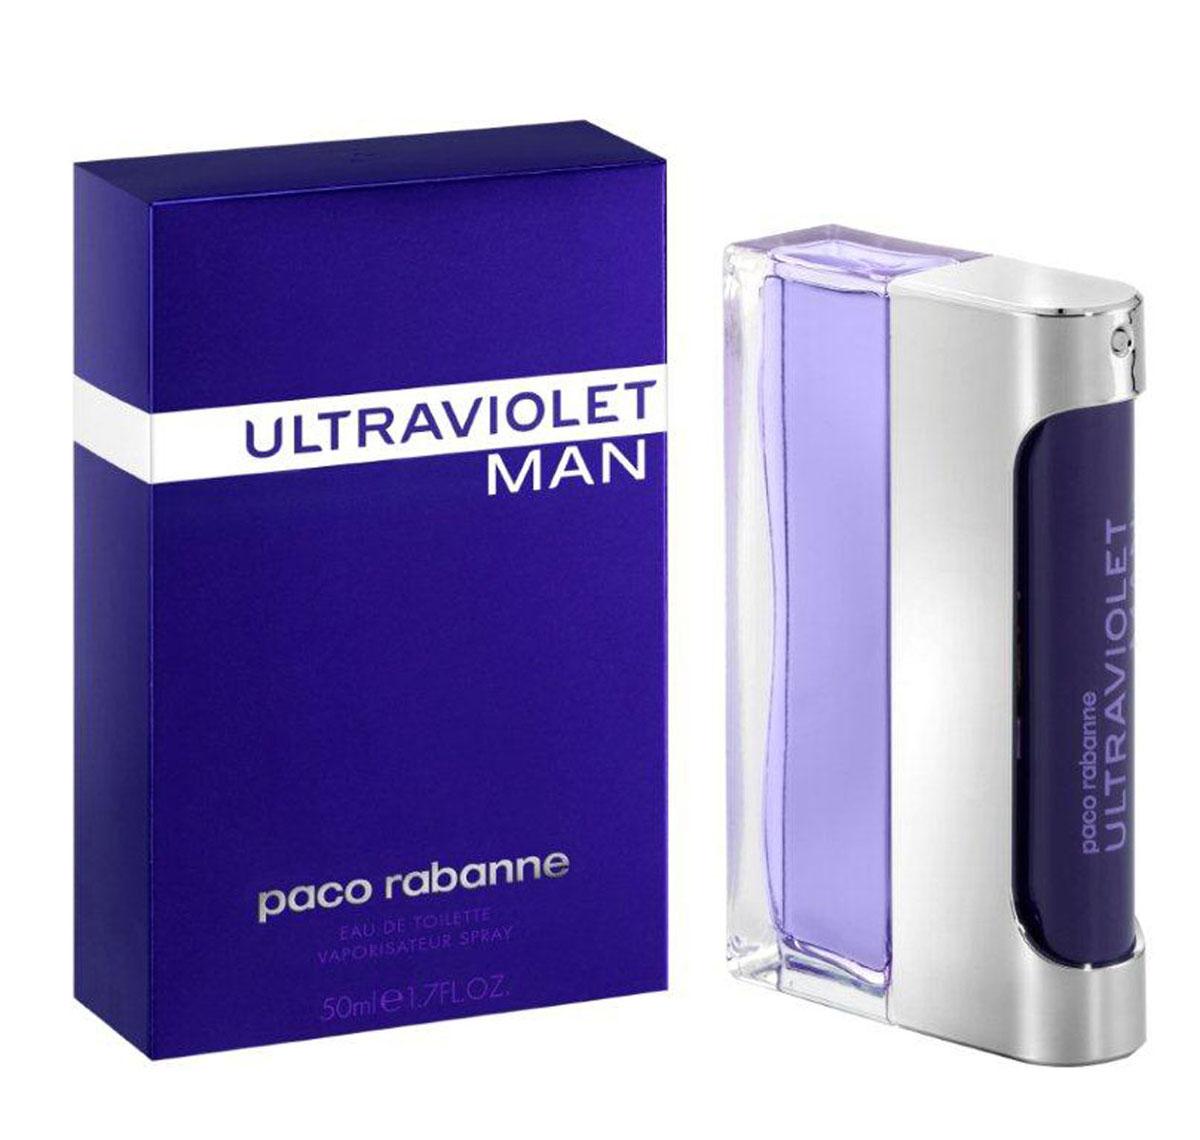 Paco Rabanne Туалетная вода Ultraviolet Man, мужская, 50 мл3349666010525Аромат позволит ощутить в полной мере каждый момент жизни. Аромат как отражение человеческой сущности. Мужчина в гармонии с новым поколением и новыми технологиями, жаждущий новых ароматических впечатлений. Сегодня уравновешенным и уверенным в себе мужчинам больше не надо демонстрировать свои кулаки, чтобы взволновать. Они руководствуются разумом, раздумьями и самой жизнью. Они рискуют и флиртуют с опасностью, но только для придания остроты своему интеллекту. Флакон в стиле хай-тэк напоминает футуристический пистолет. Обладает идеальными пропорциями, выполнен из стекла, металла и силикона. Классификация аромата: древесный, восточный. Пирамида аромата: Верхние ноты: жидкая мята. Ноты сердца: органический ветивер, кристаллический мох. Ноты шлейфа: серая амбра. Ключевые слова: Дерзкий, провокационный, эстетический, фантастический! Туалетная вода - один из самых популярных видов парфюмерной...